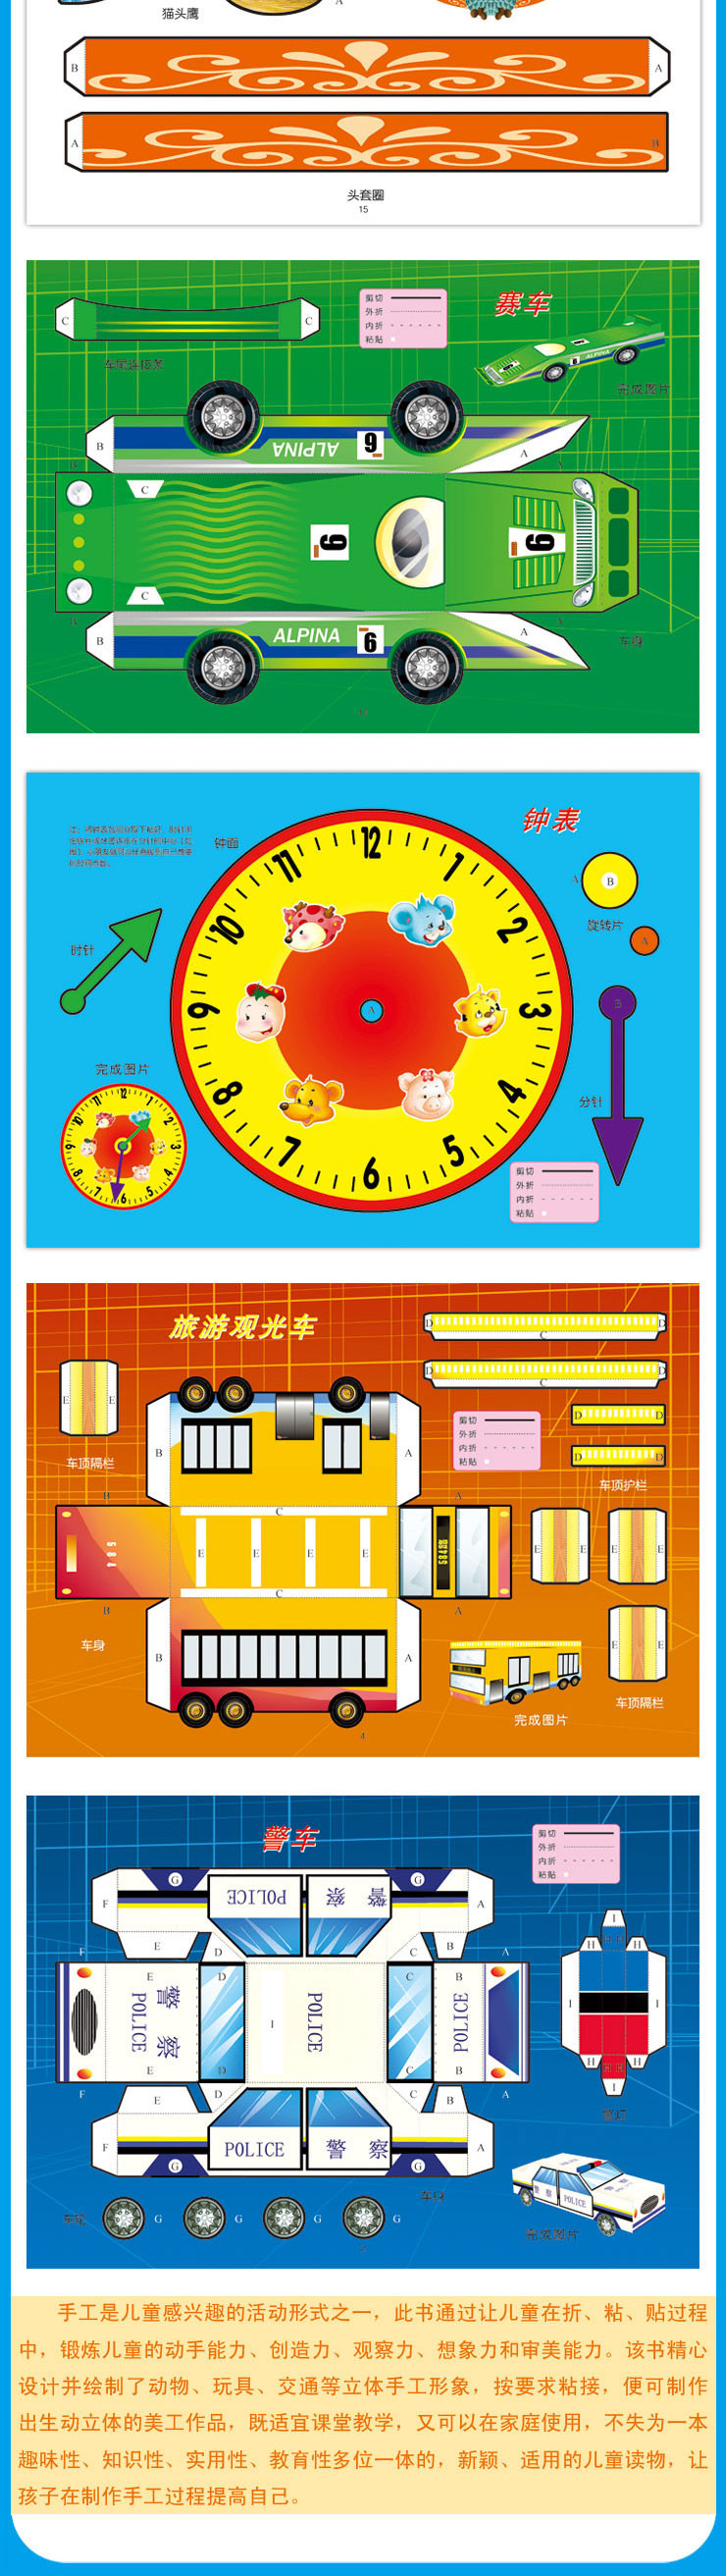 正版畅销幼儿童手工书籍全4册套装 正版金娃娃图书 幼儿手工diy书籍3